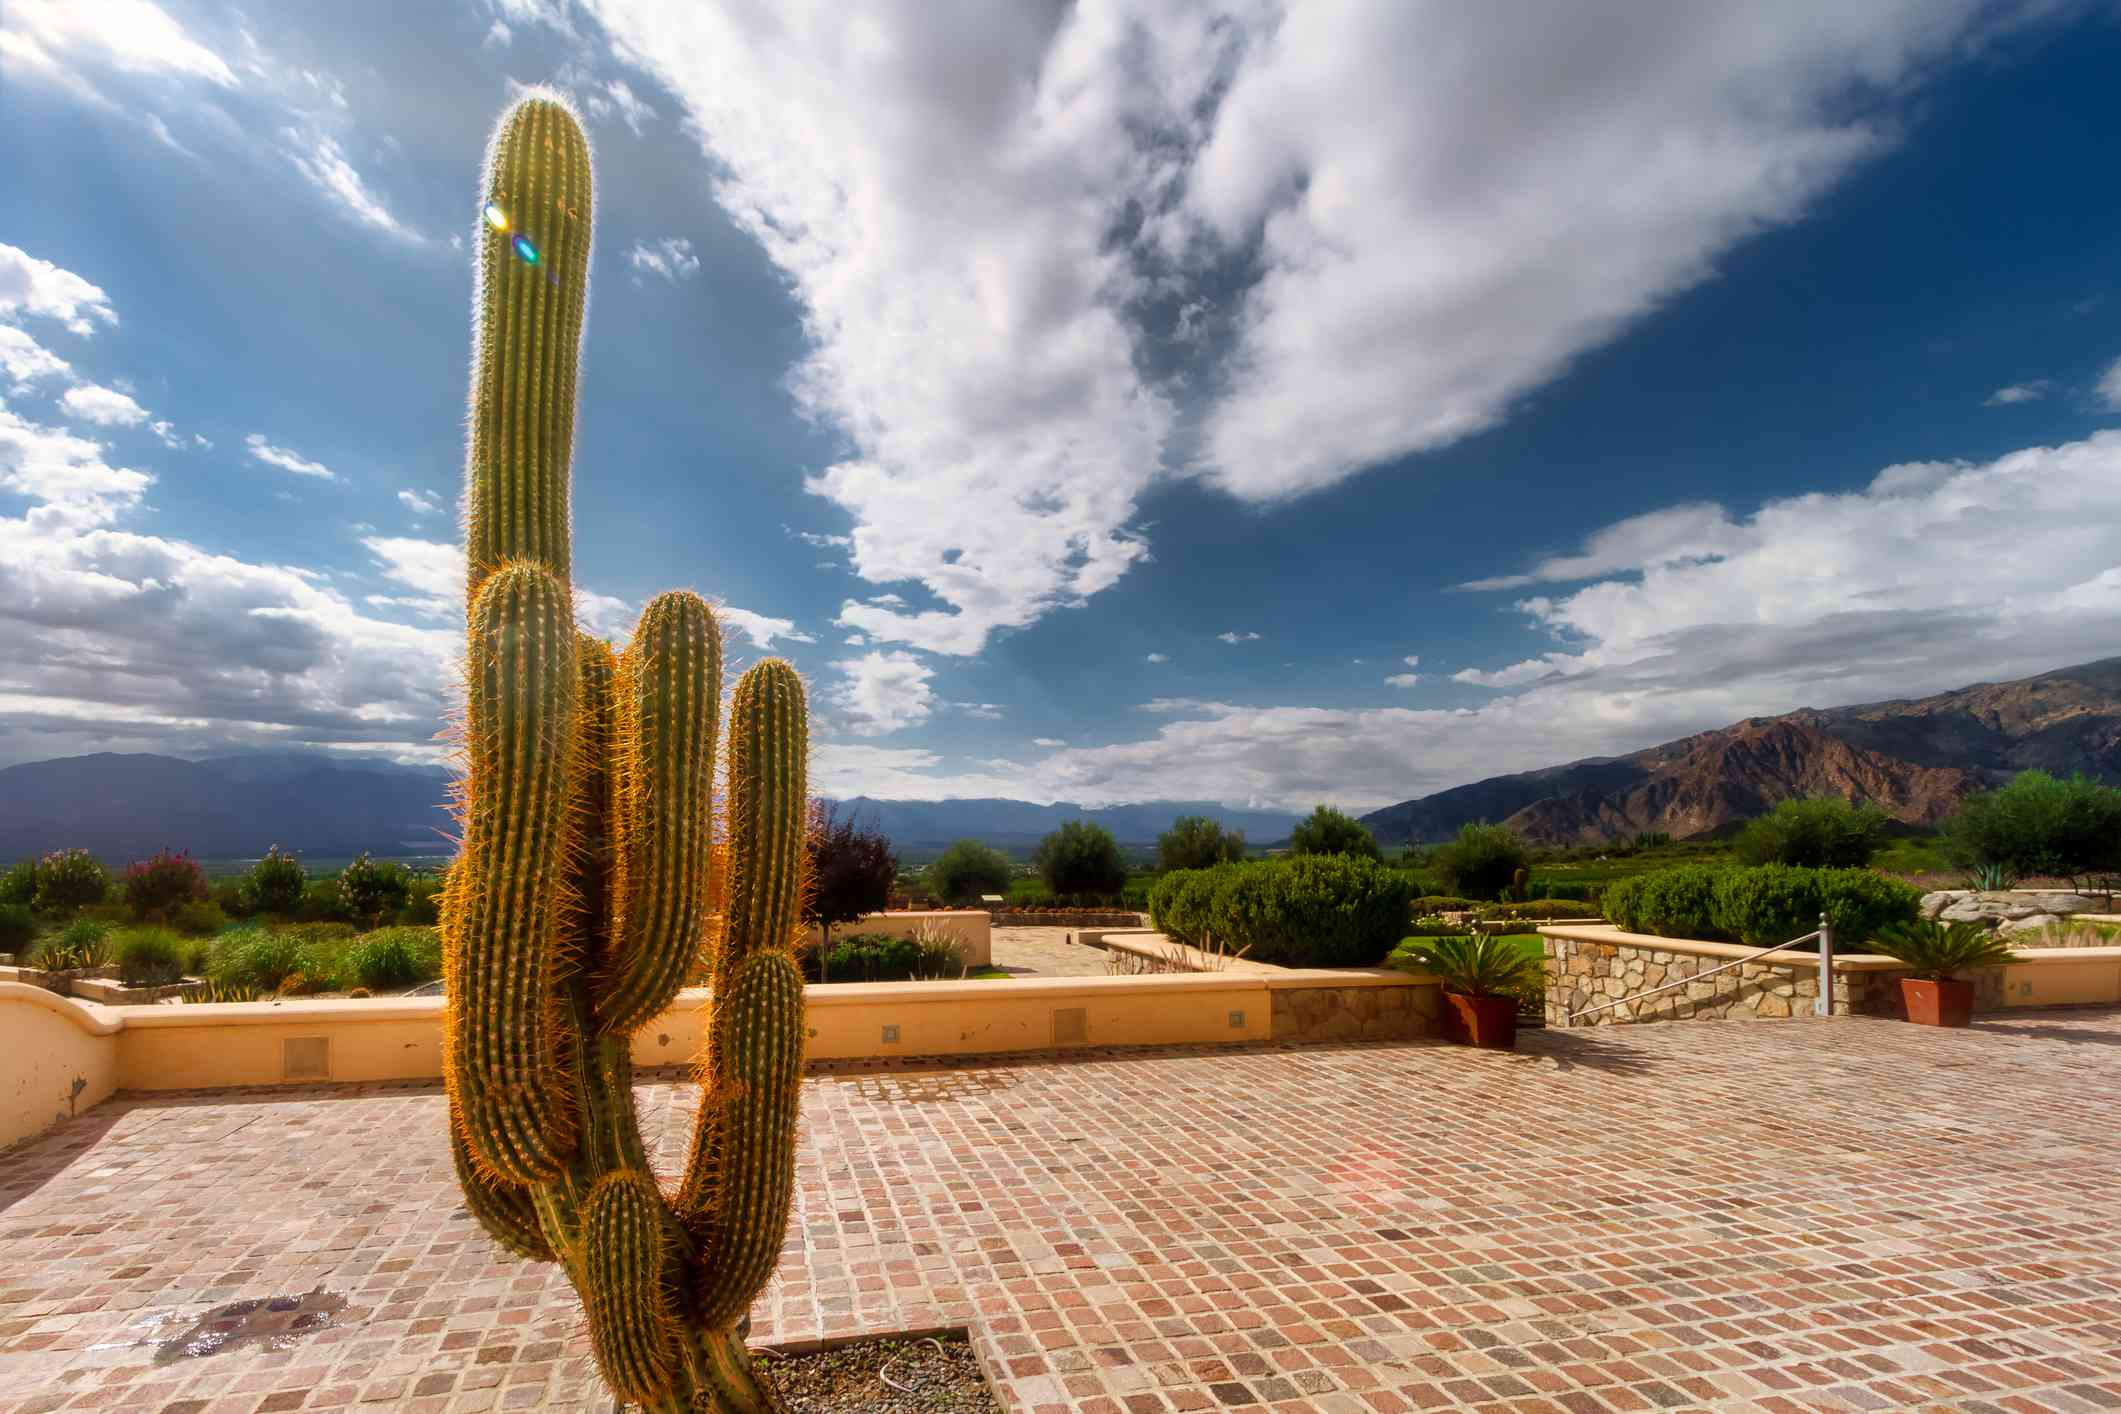 Mexican Giant Cactus Cardon